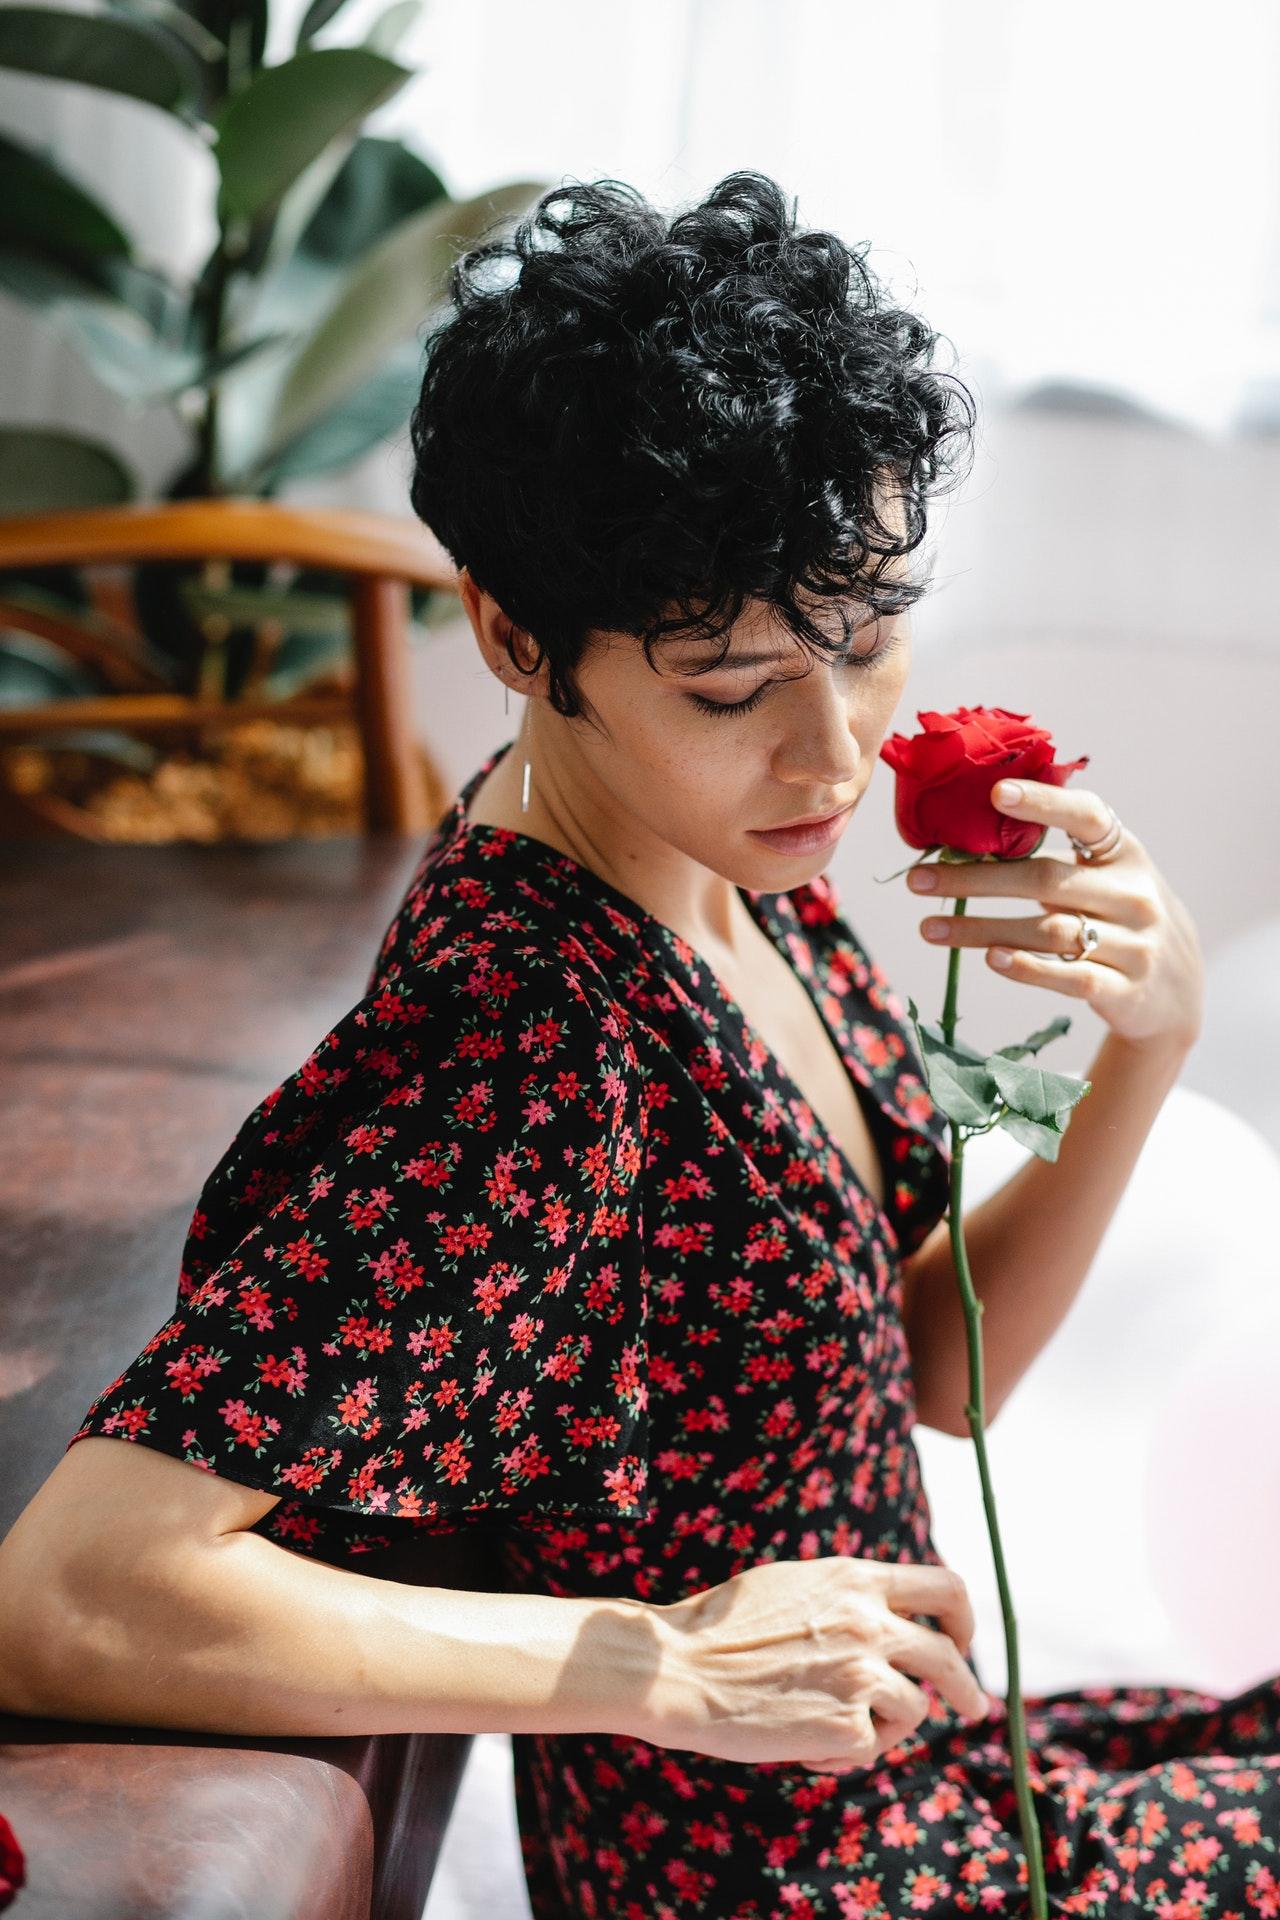 thiên yết hợp với hoa hồng đỏ